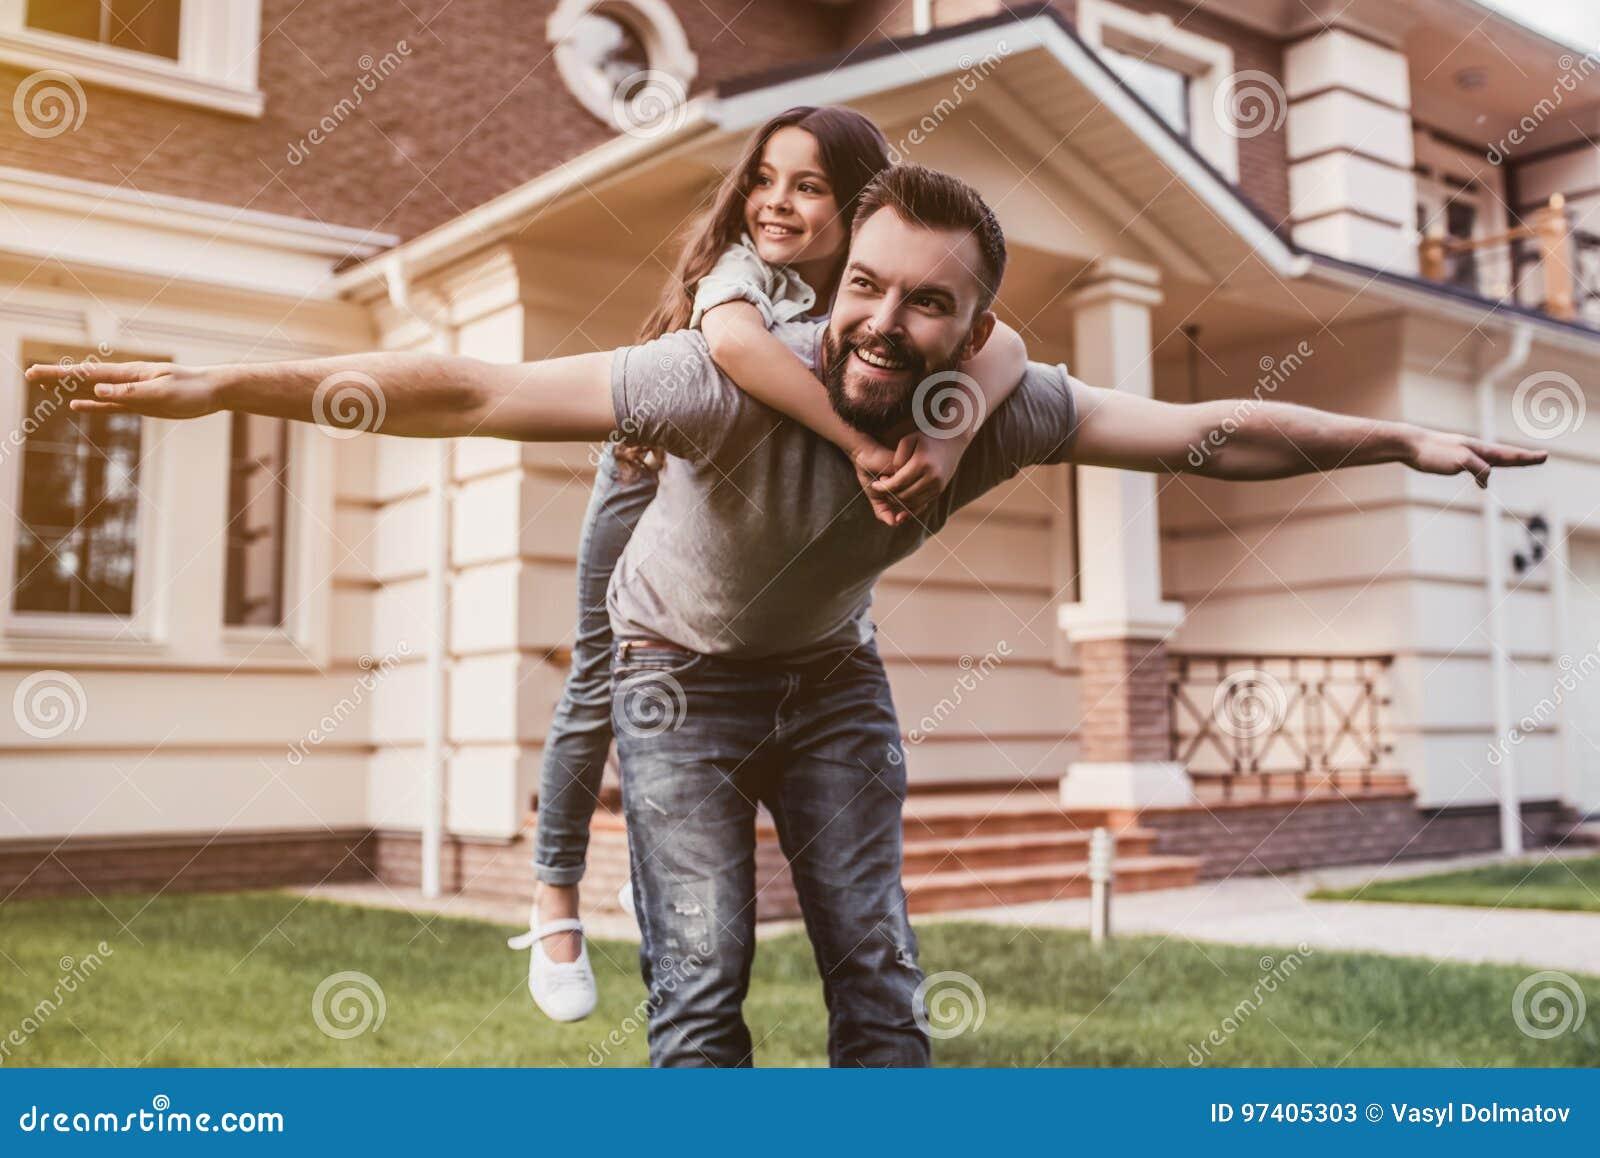 Папа с дочерью outdoors